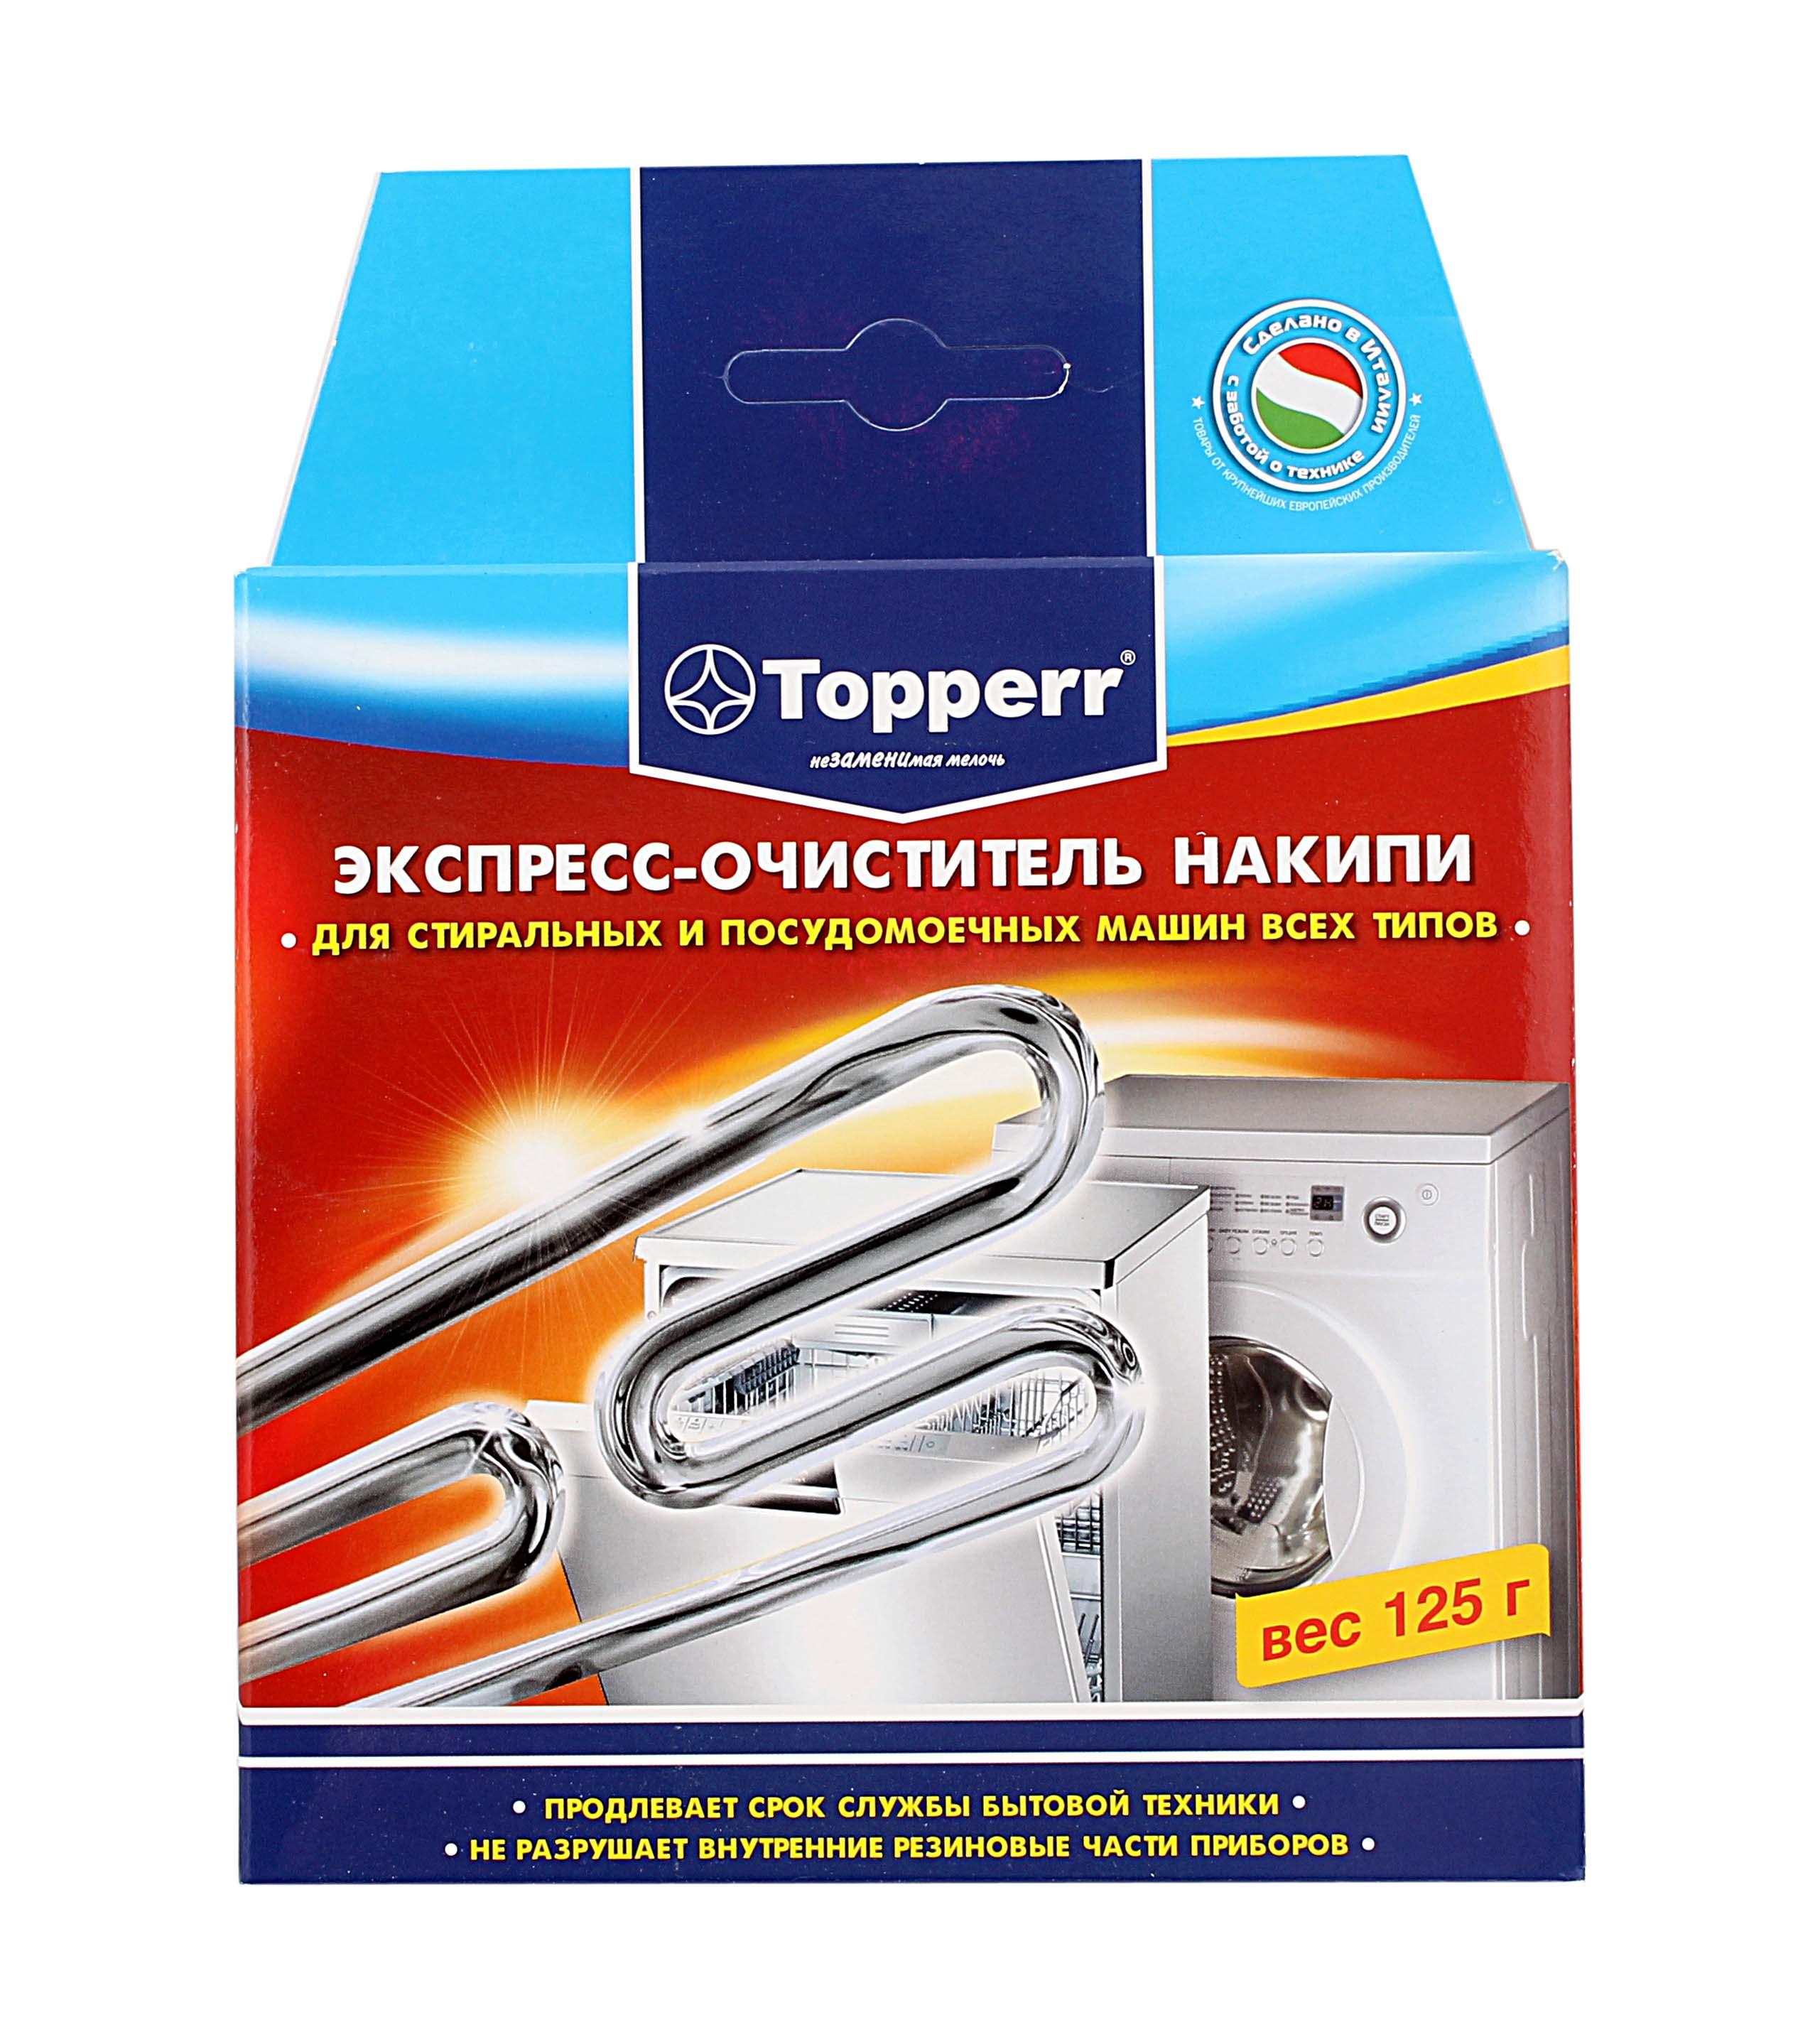 Средства для стирки и от накипи Topperr